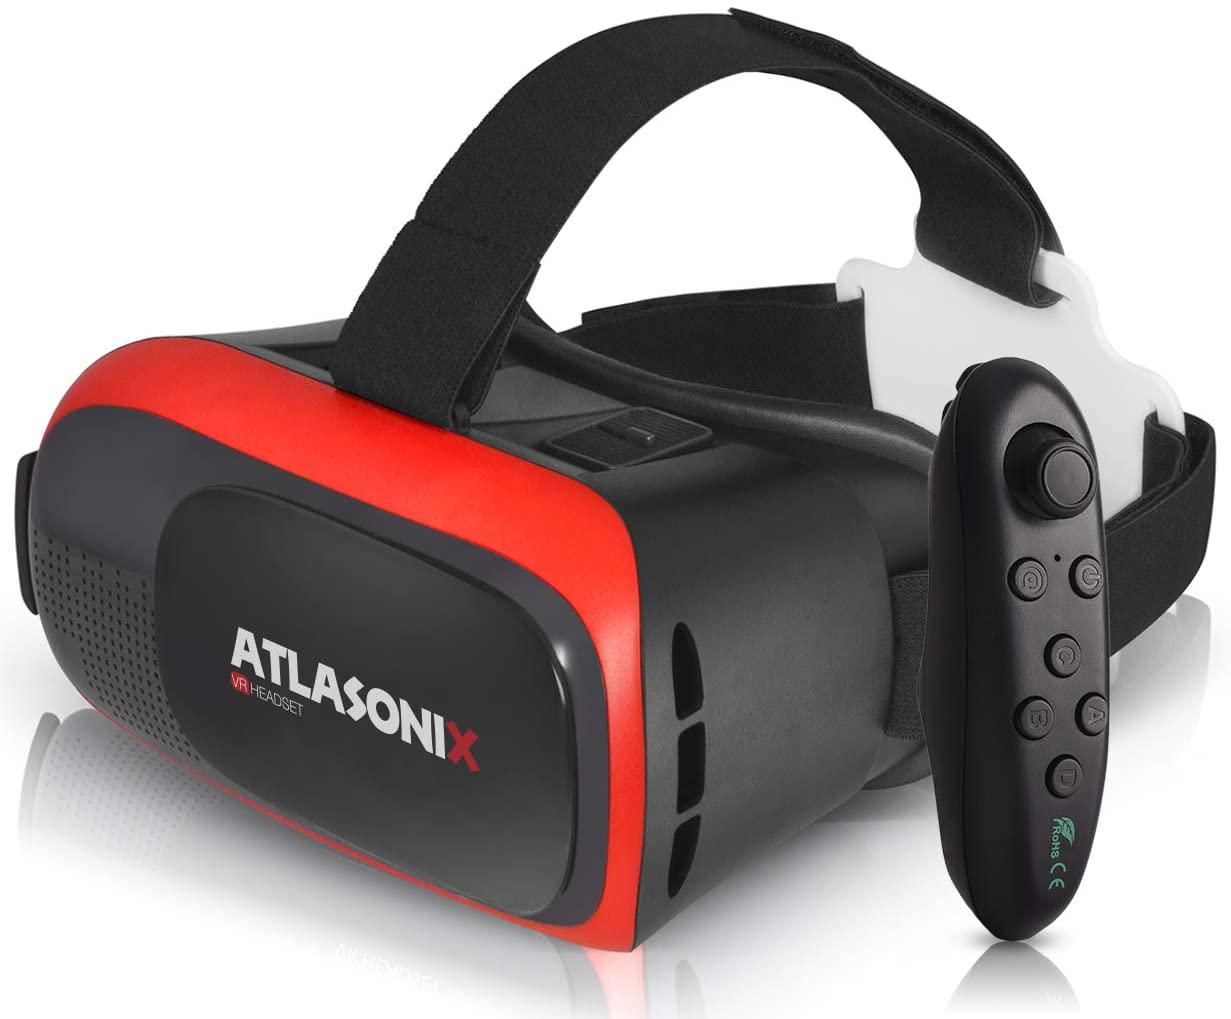 Atlasonix VR